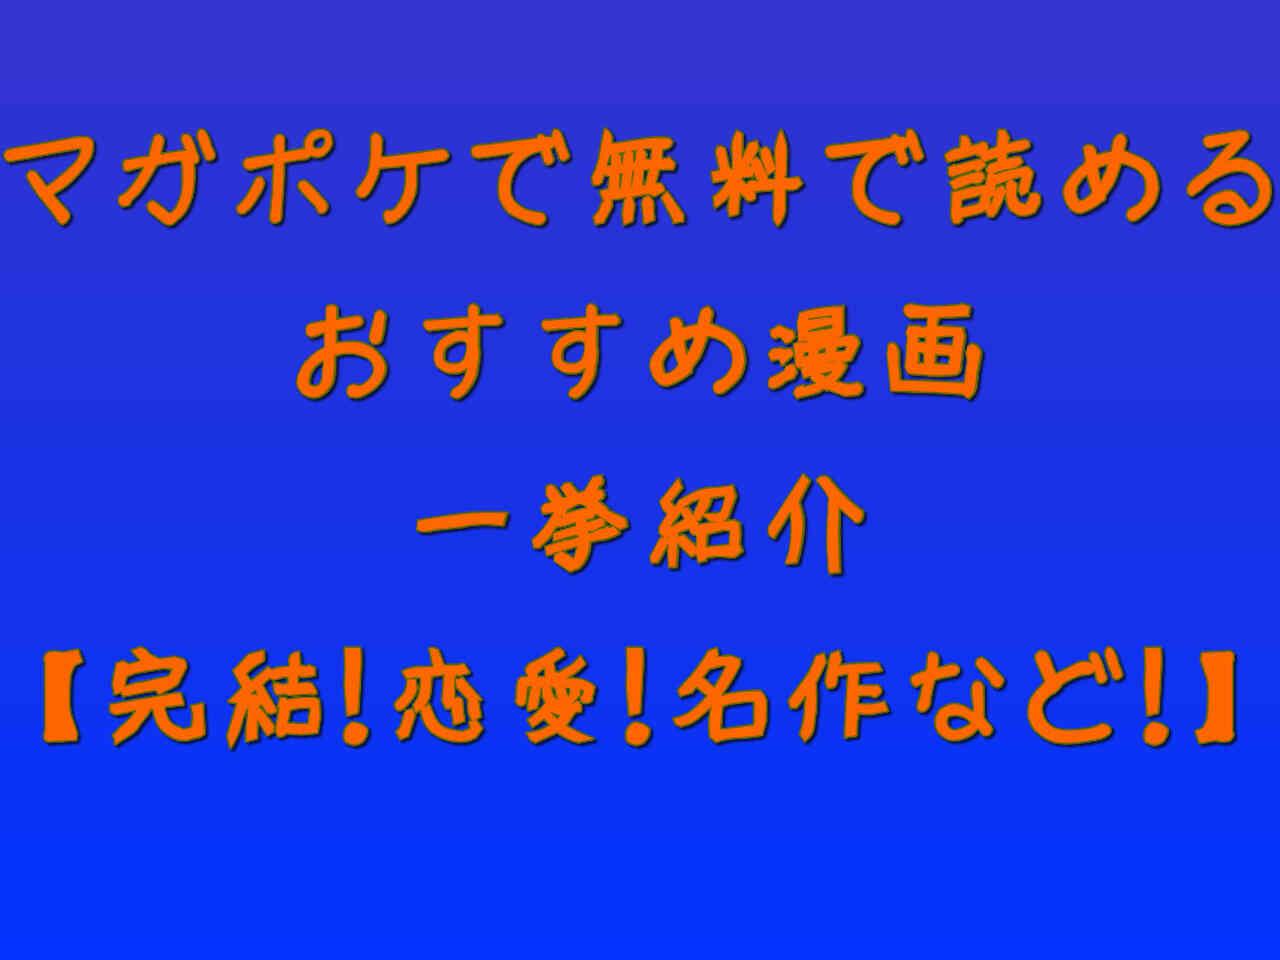 マガポケで無料で読めるおすすめ漫画一挙紹介【完結!恋愛!名作など!】